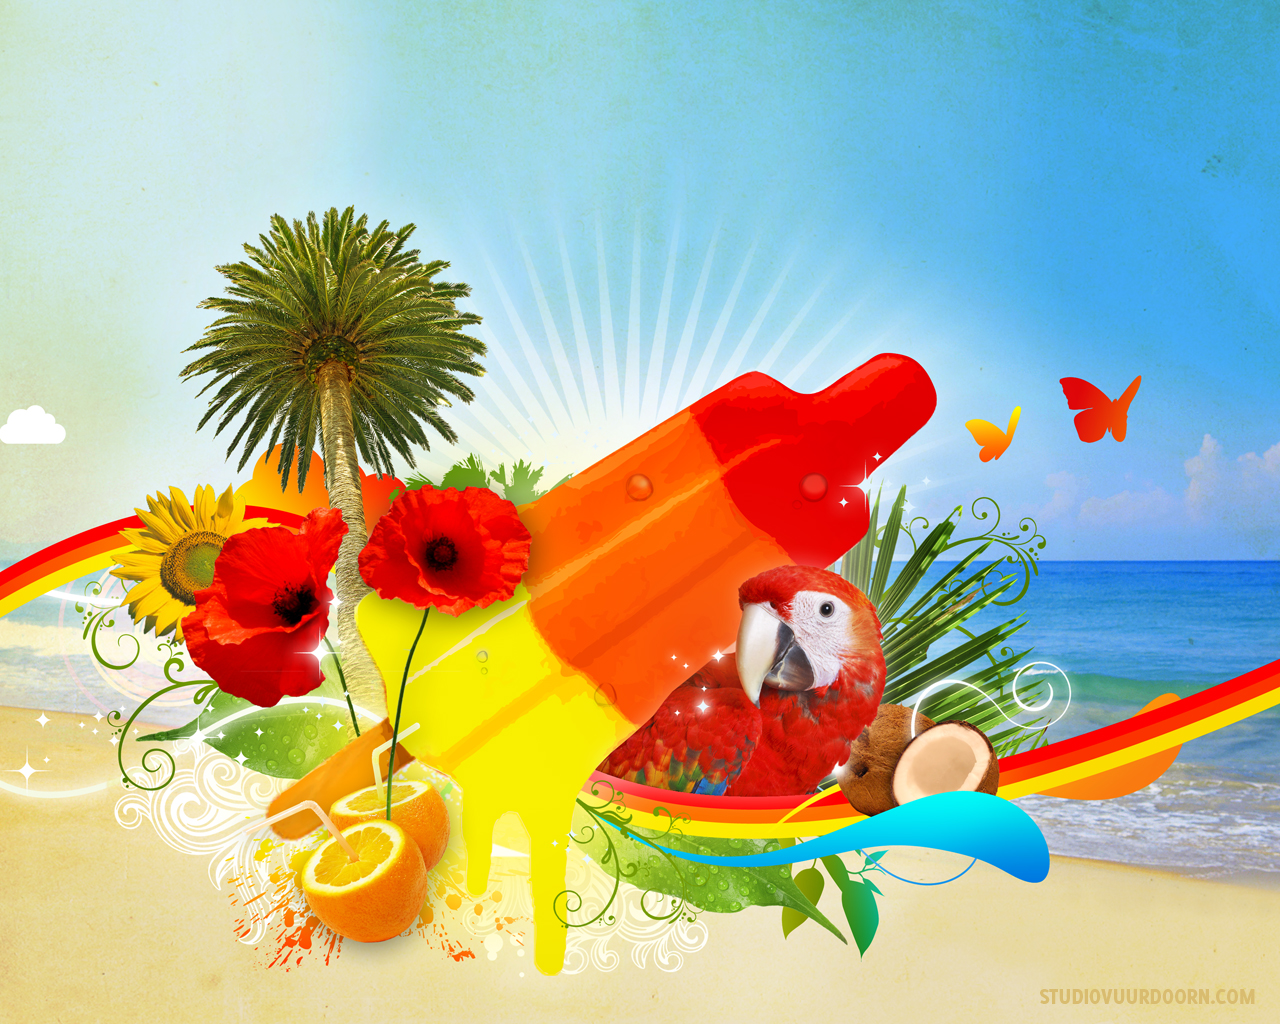 Лето, пляж, попугай, мороженное, скачать фото обои на рабочий стол